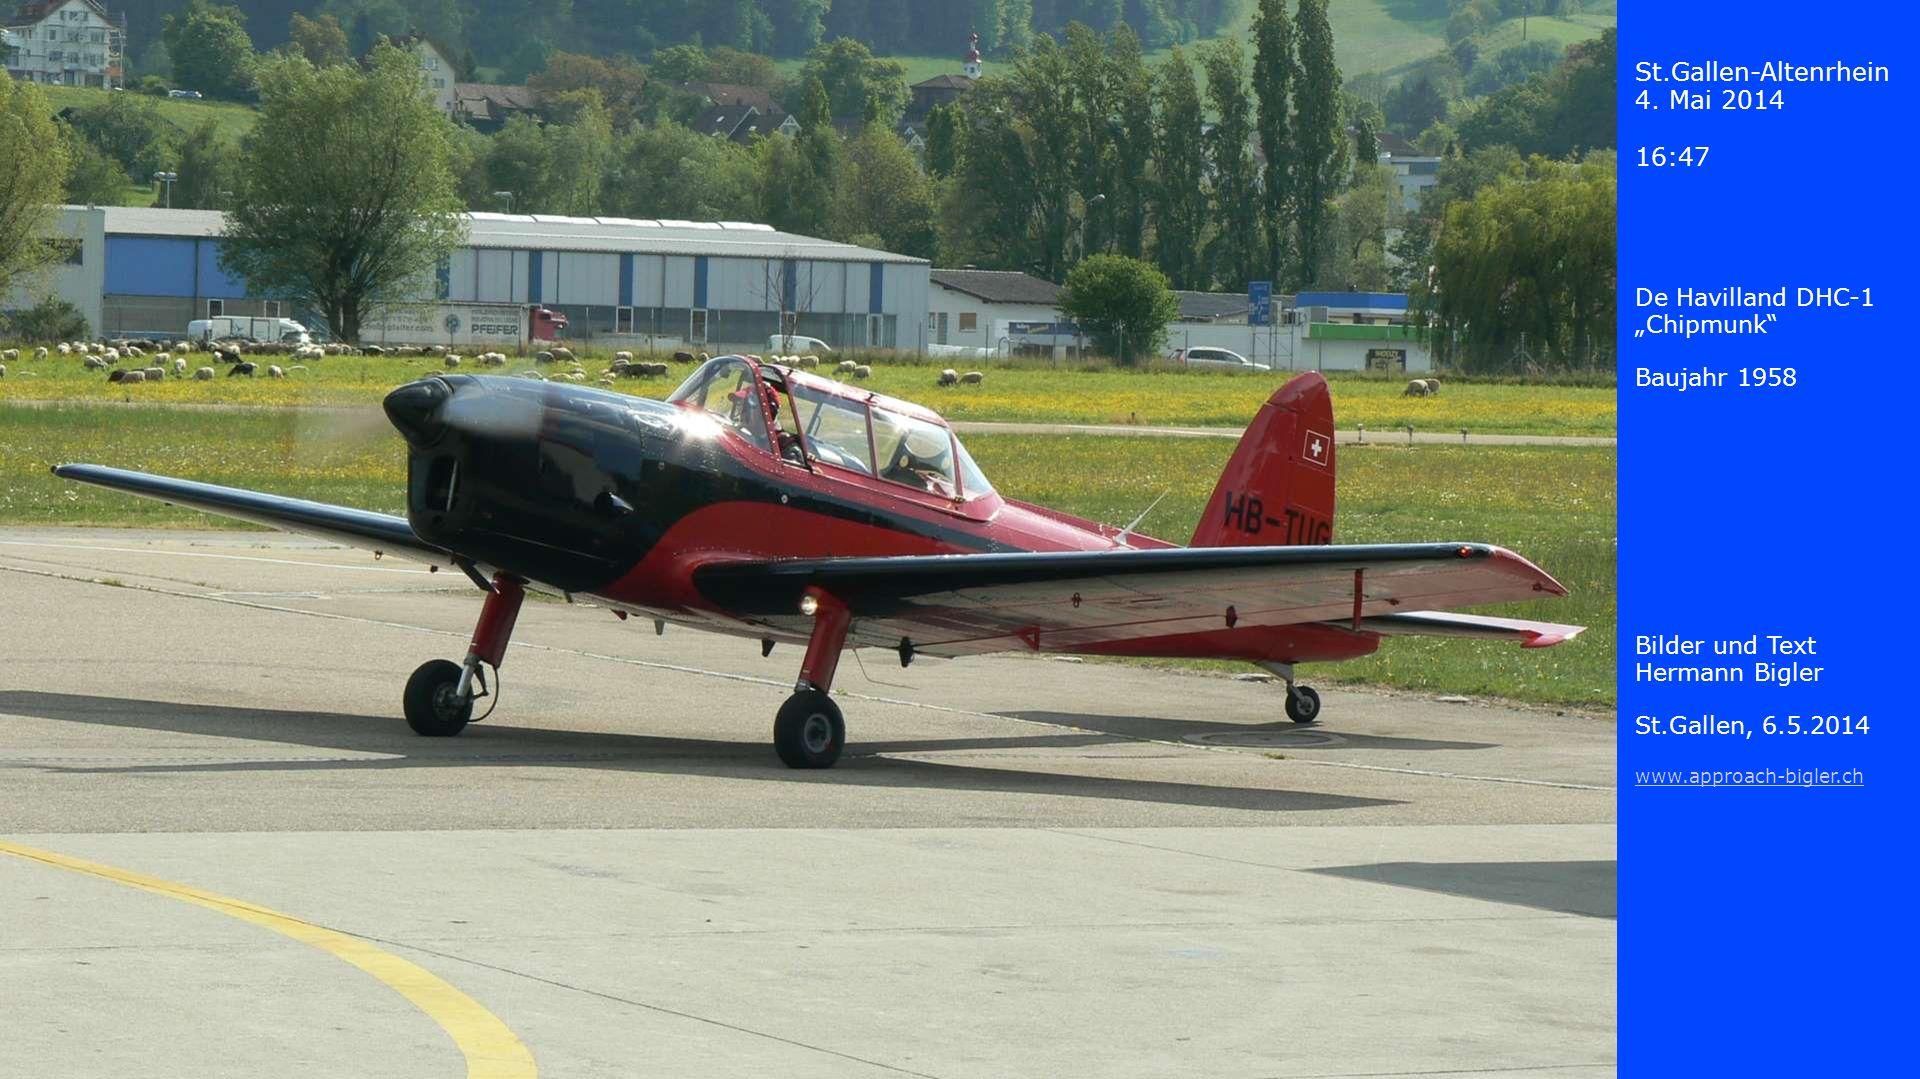 St.Gallen-Altenrhein 4. Mai 2014 16:47 De Havilland DHC-1 Chipmunk Baujahr 1958 Bilder und Text Hermann Bigler St.Gallen, 6.5.2014 www.approach-bigler